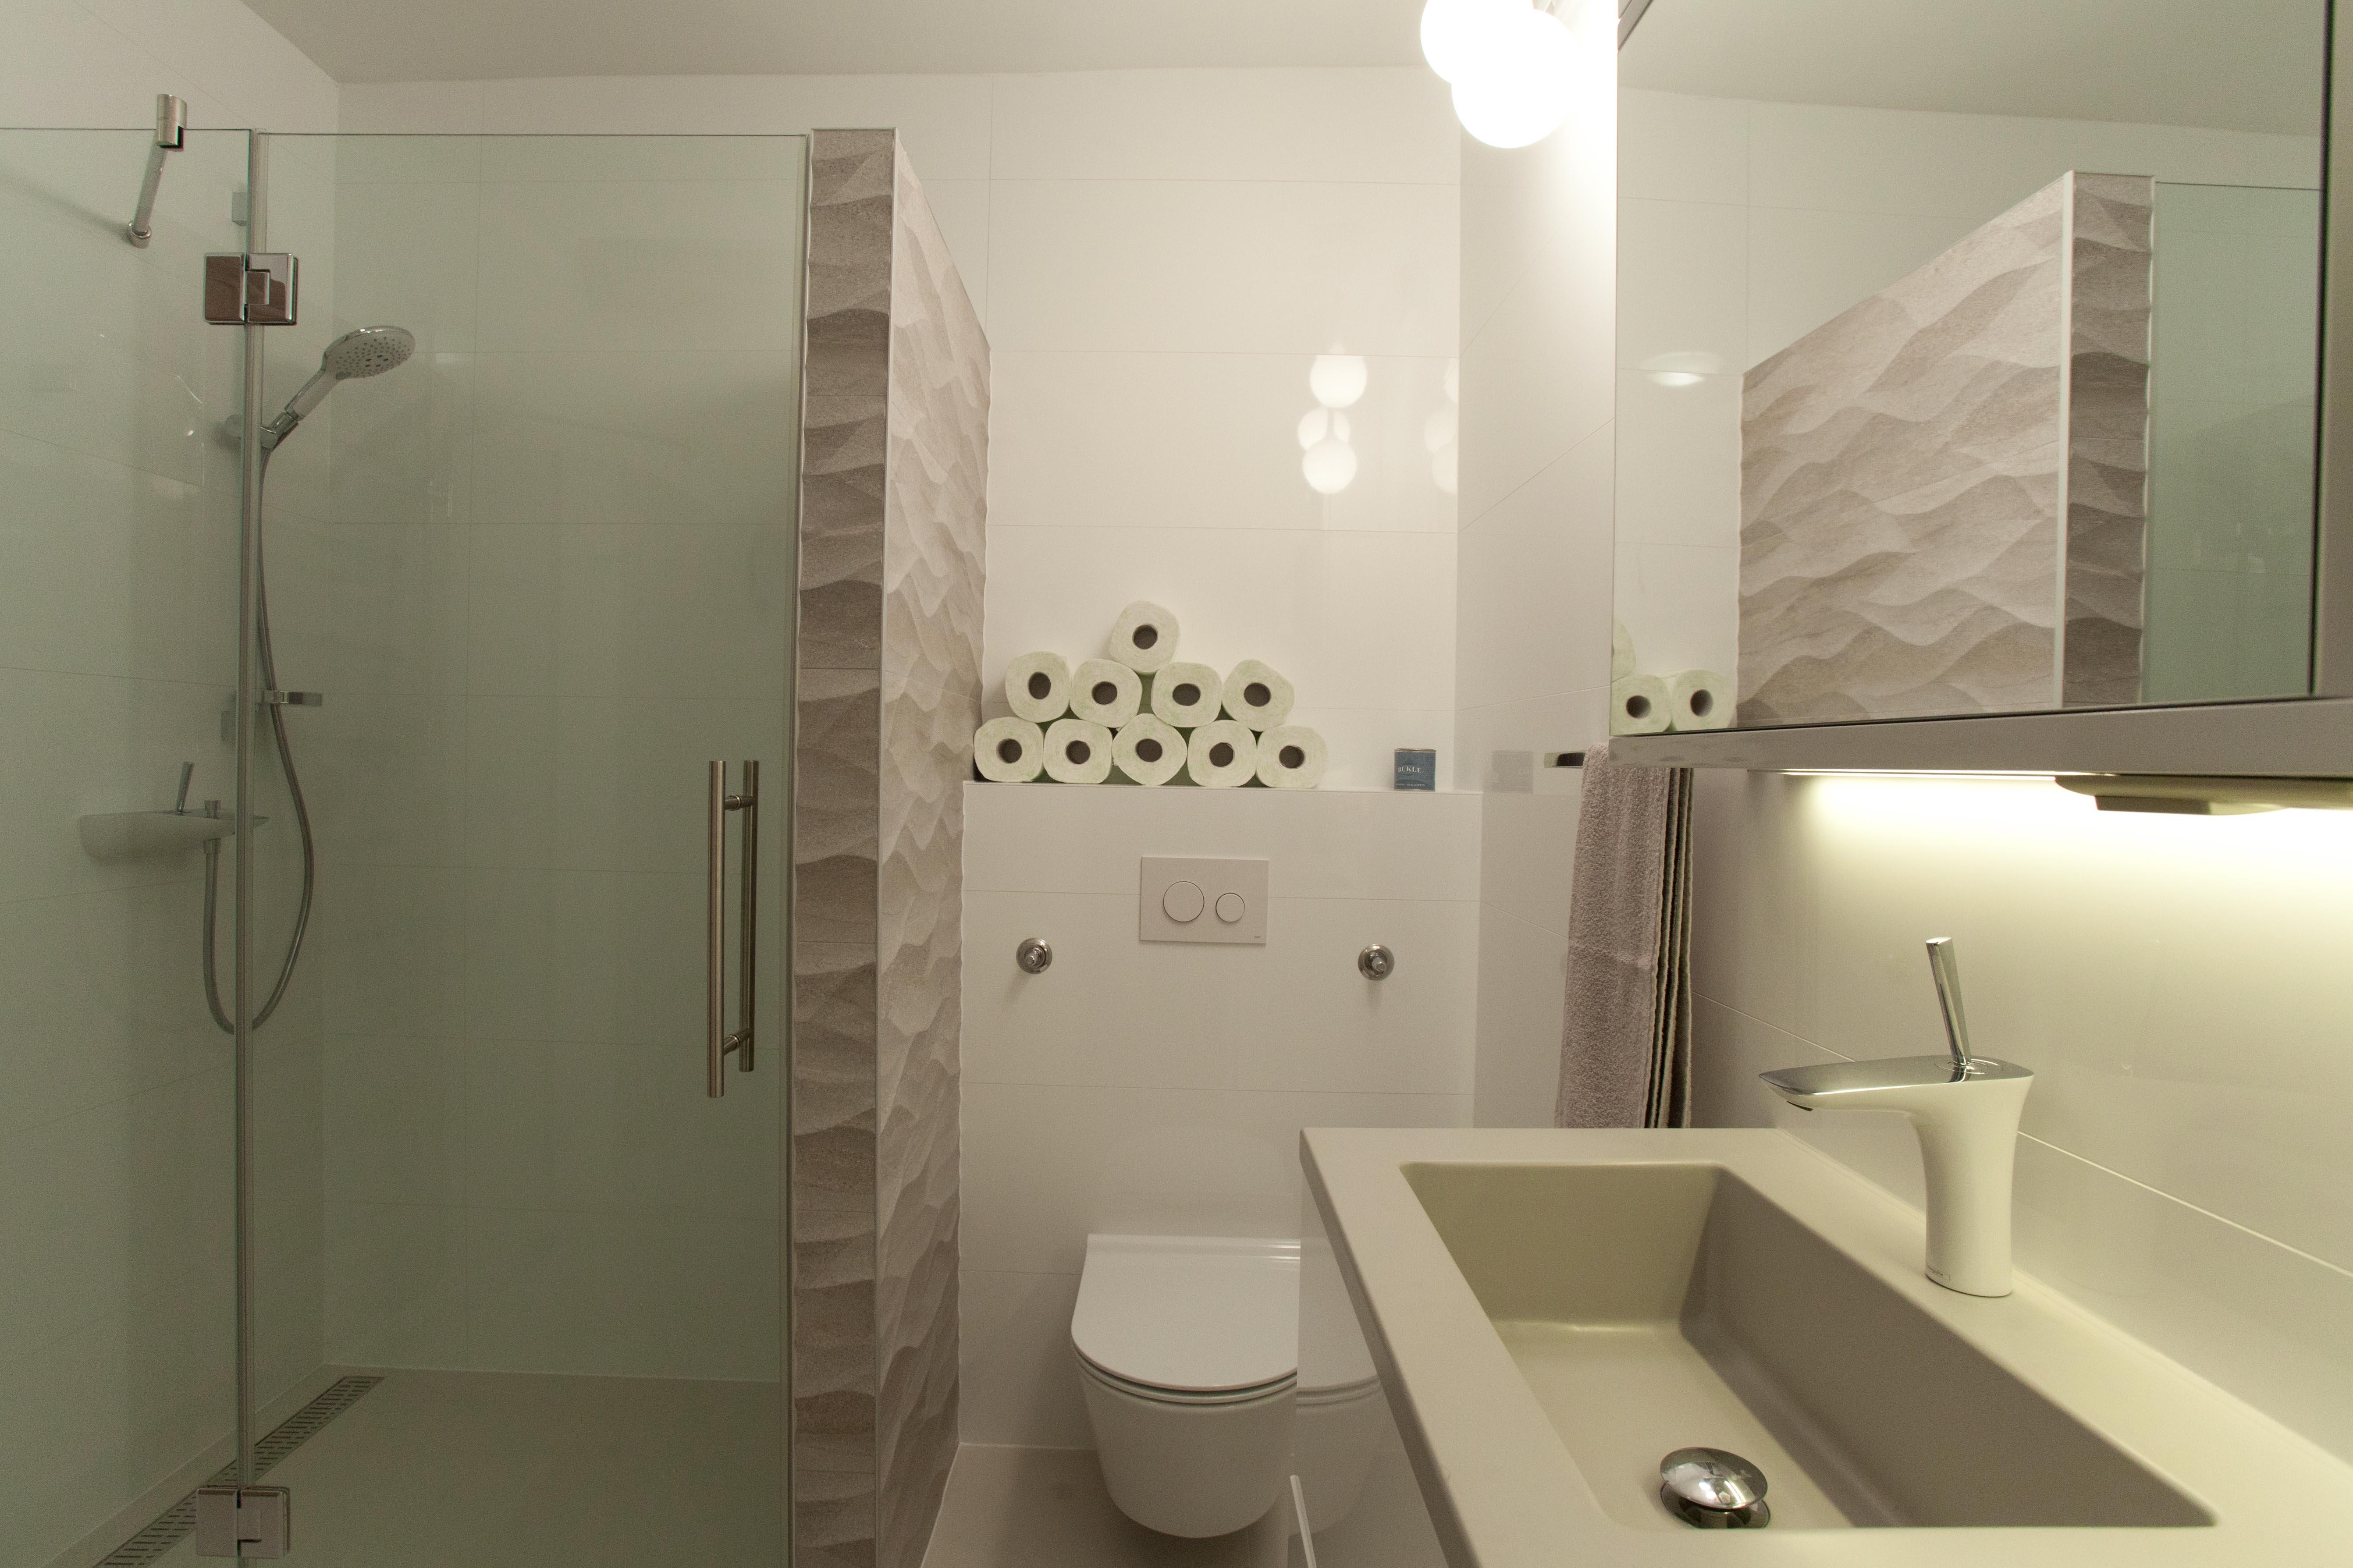 Ikea Mala Zidovi U Kupaonici Alternative Keramičkim Pločicama